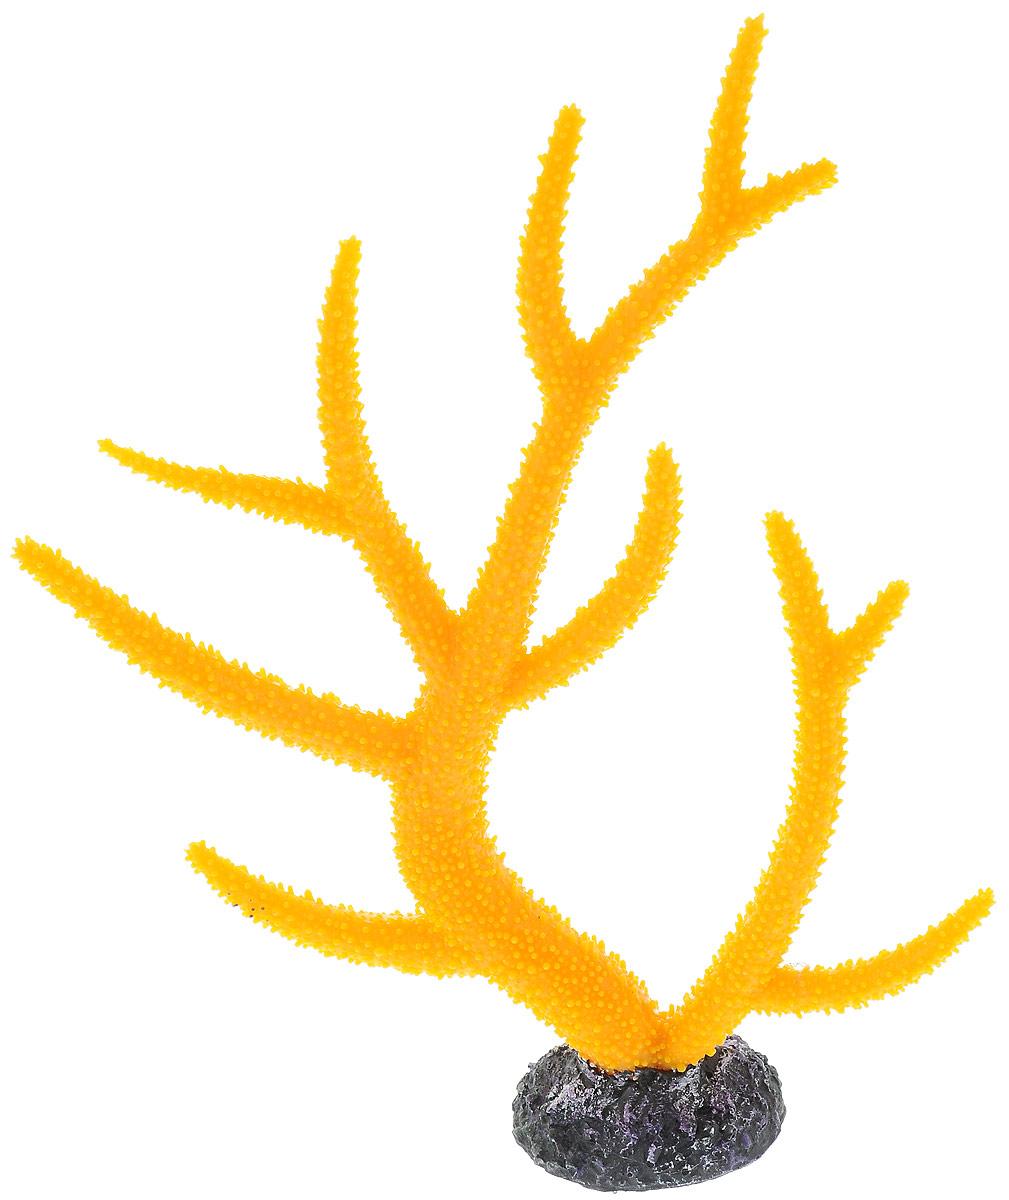 Декорация для аквариума Barbus Коралл, цвет: желтый, 26 х 6,4 х 33,5 смDecor 260Декорация для аквариума Barbus Коралл, выполненная из высококачественного нетоксичного полирезина, станет прекрасным украшением вашего аквариума. Изделие отличается реалистичным исполнением с множеством мелких деталей. Декорация абсолютно безопасна, нейтральна к водному балансу, устойчива к истиранию краски, подходит как для пресноводного, так и для морского аквариума. Благодаря декорациям Barbus вы сможете смоделировать потрясающий пейзаж на дне вашего аквариума или террариума.